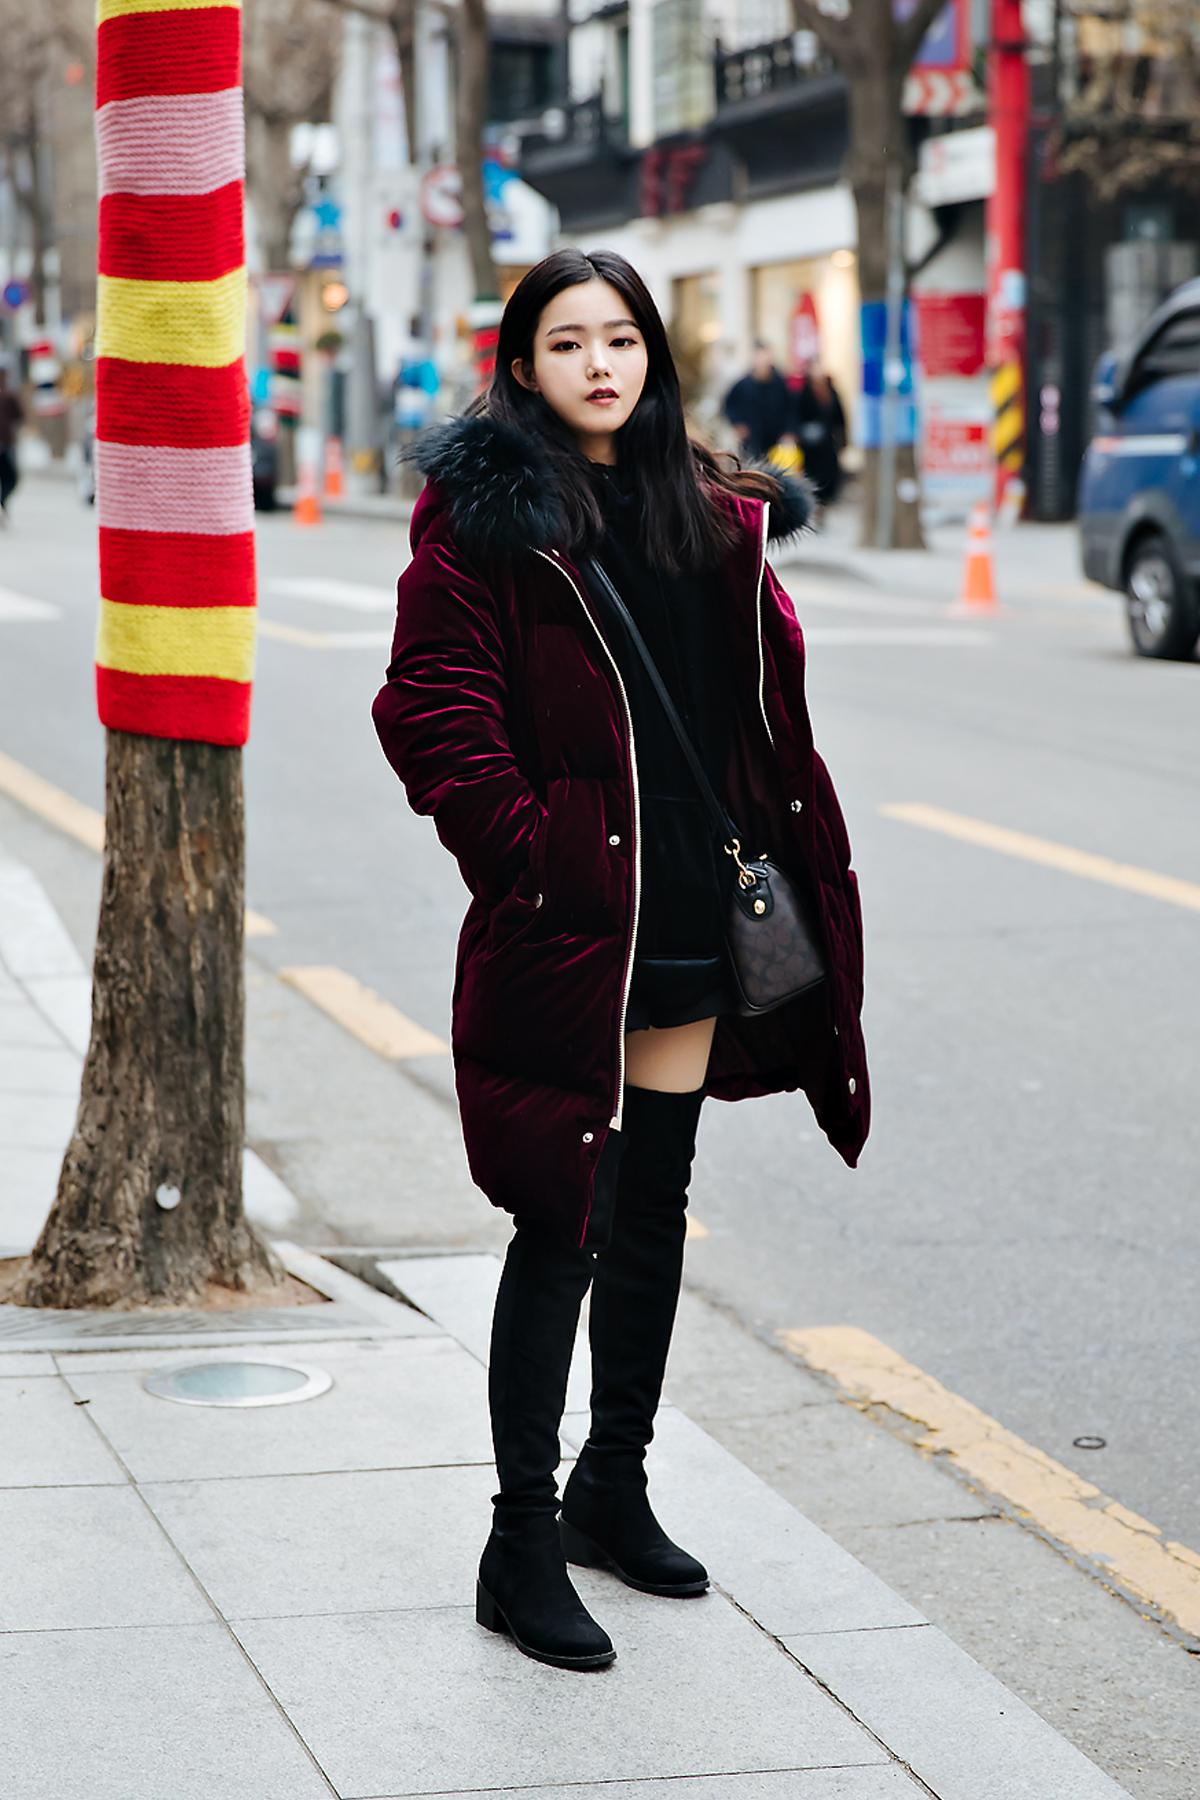 Jnneia, Street style women winter 2017-2018 inseoul